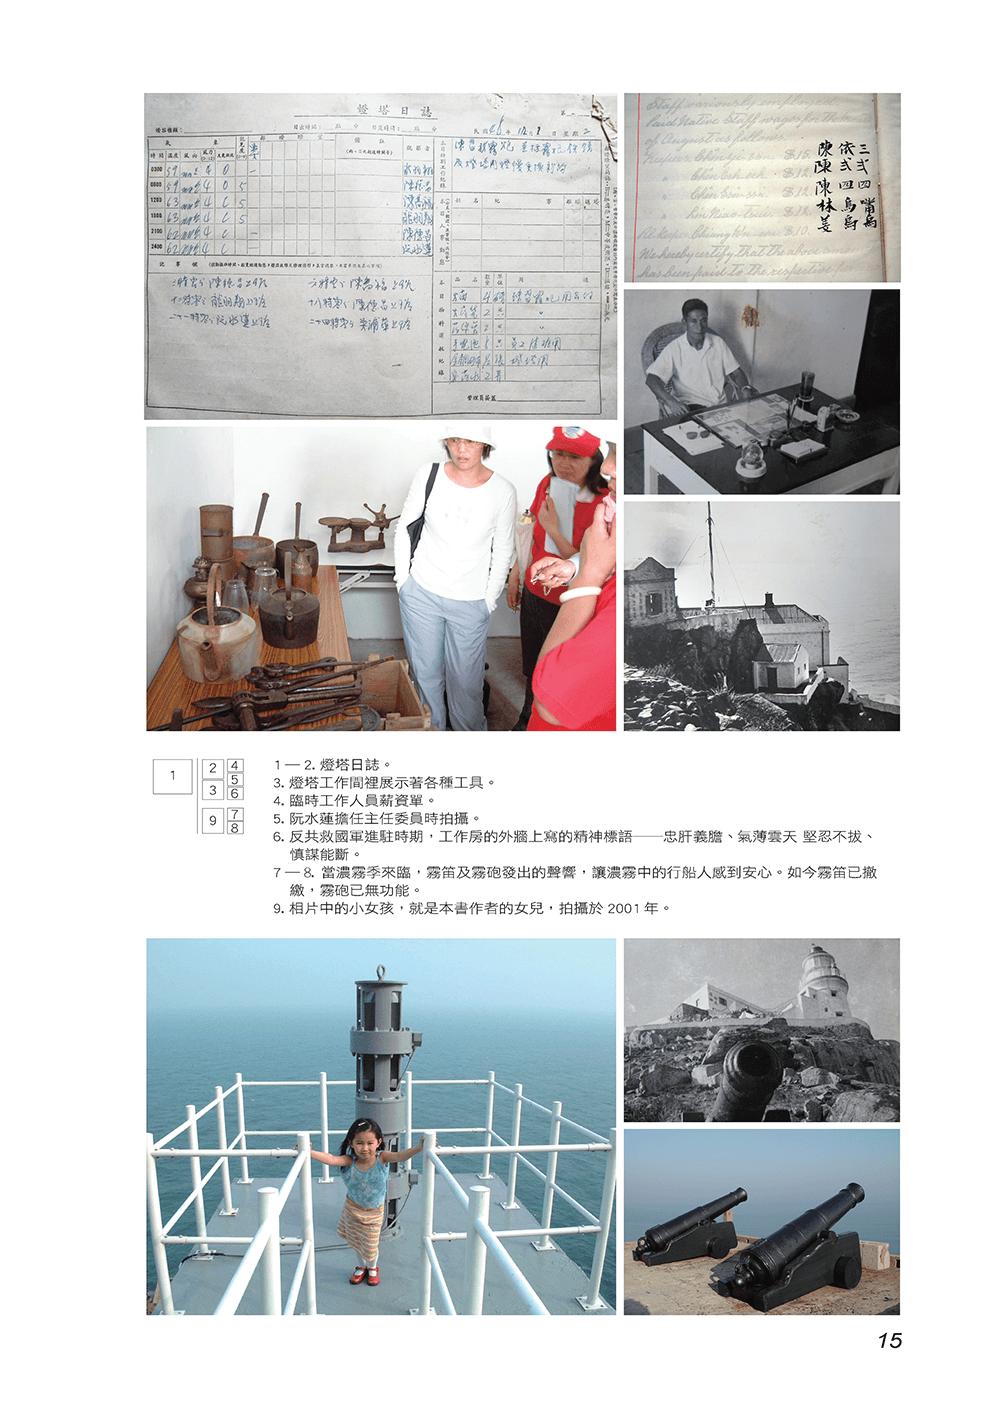 頁15-16